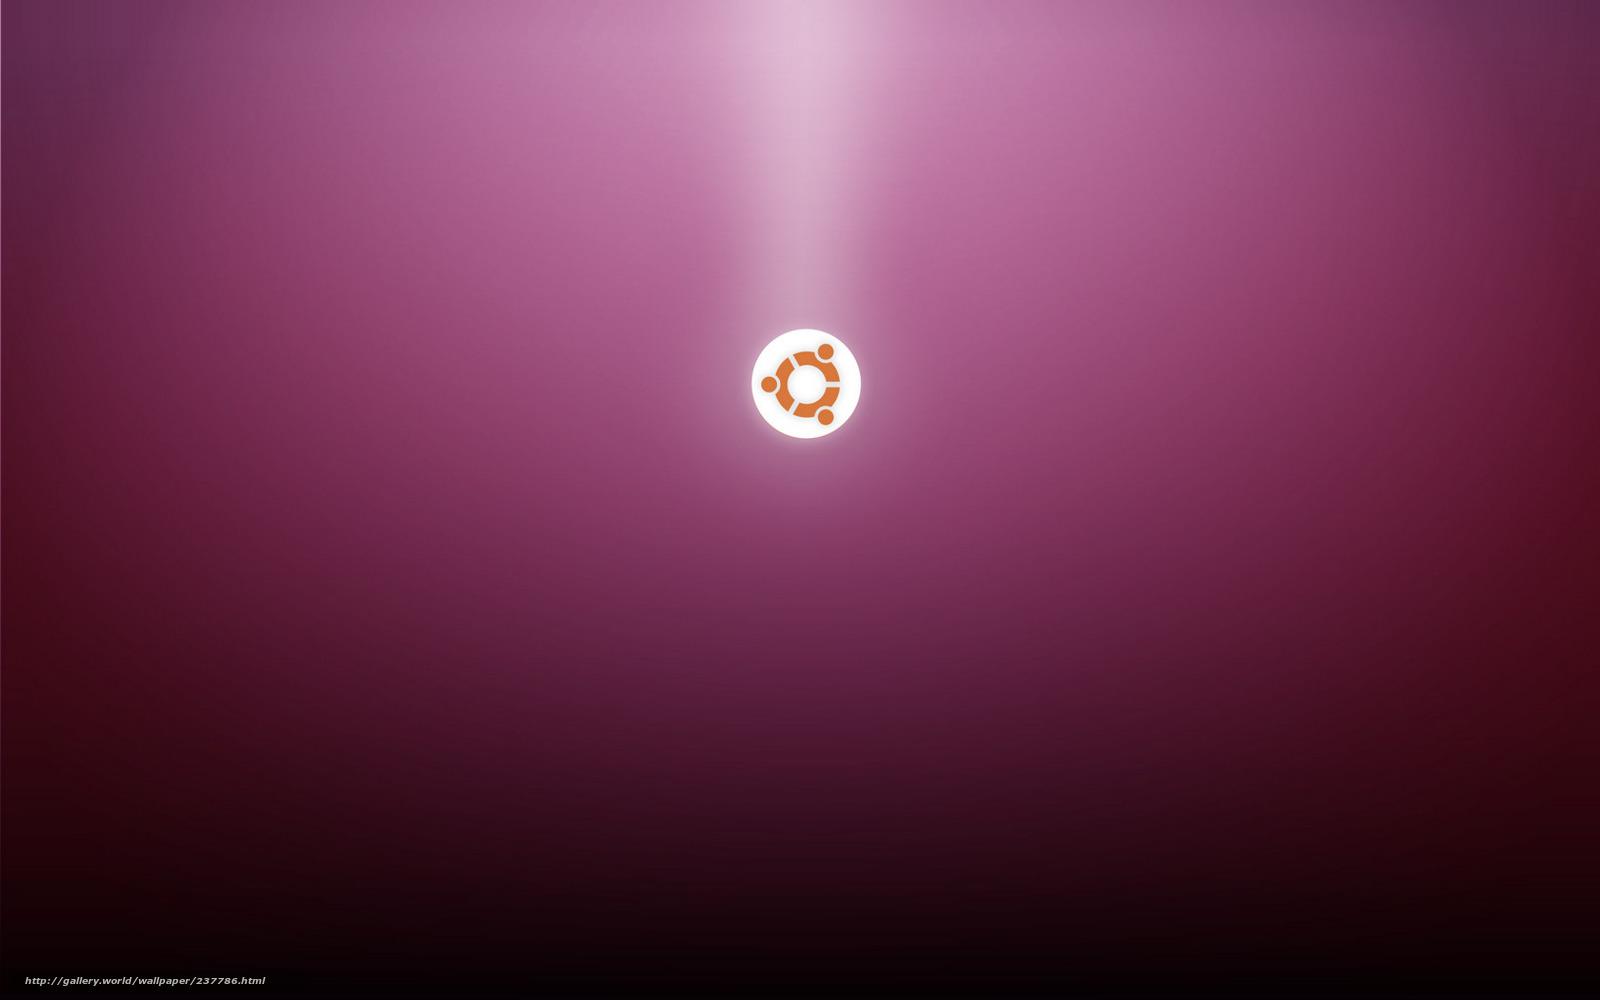 Tlcharger fond d 39 ecran ubuntu logo fonds d 39 ecran gratuits for Photo ecran ubuntu